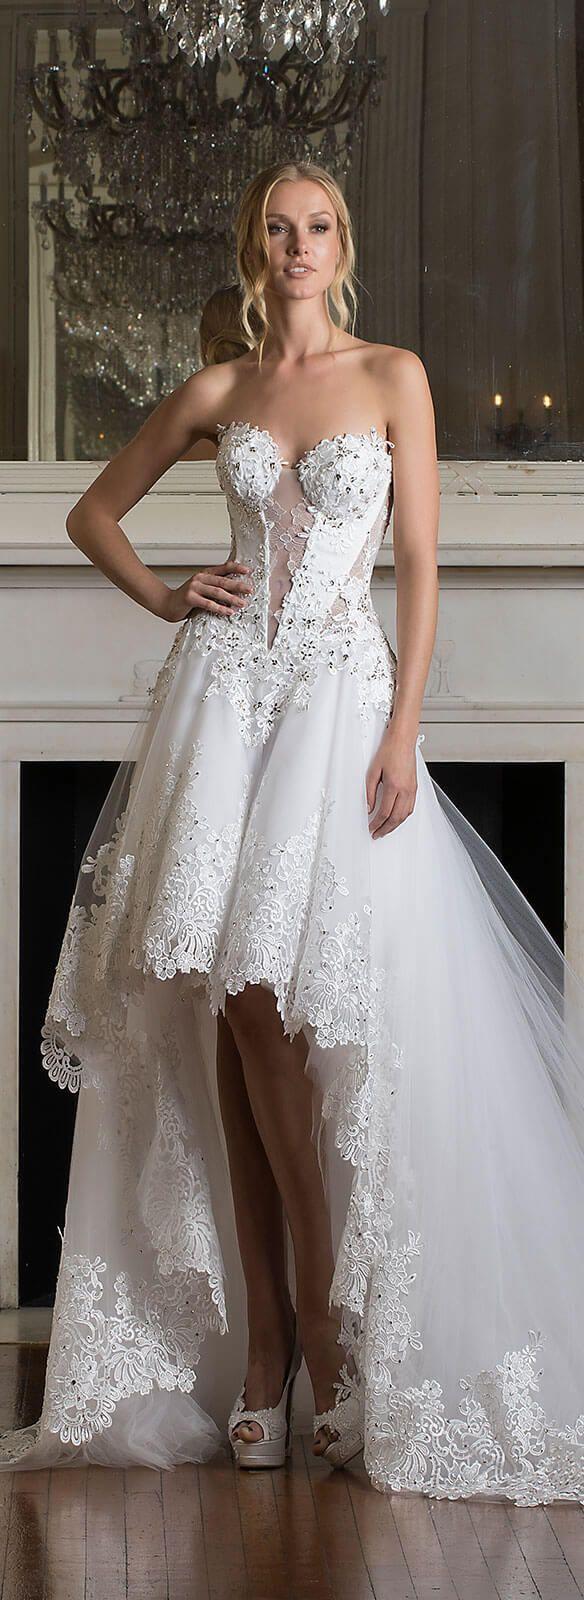 Pnina wedding dress  Pin by Elisabeth on Pnina Tornai  Pinterest  Pnina tornai Wedding